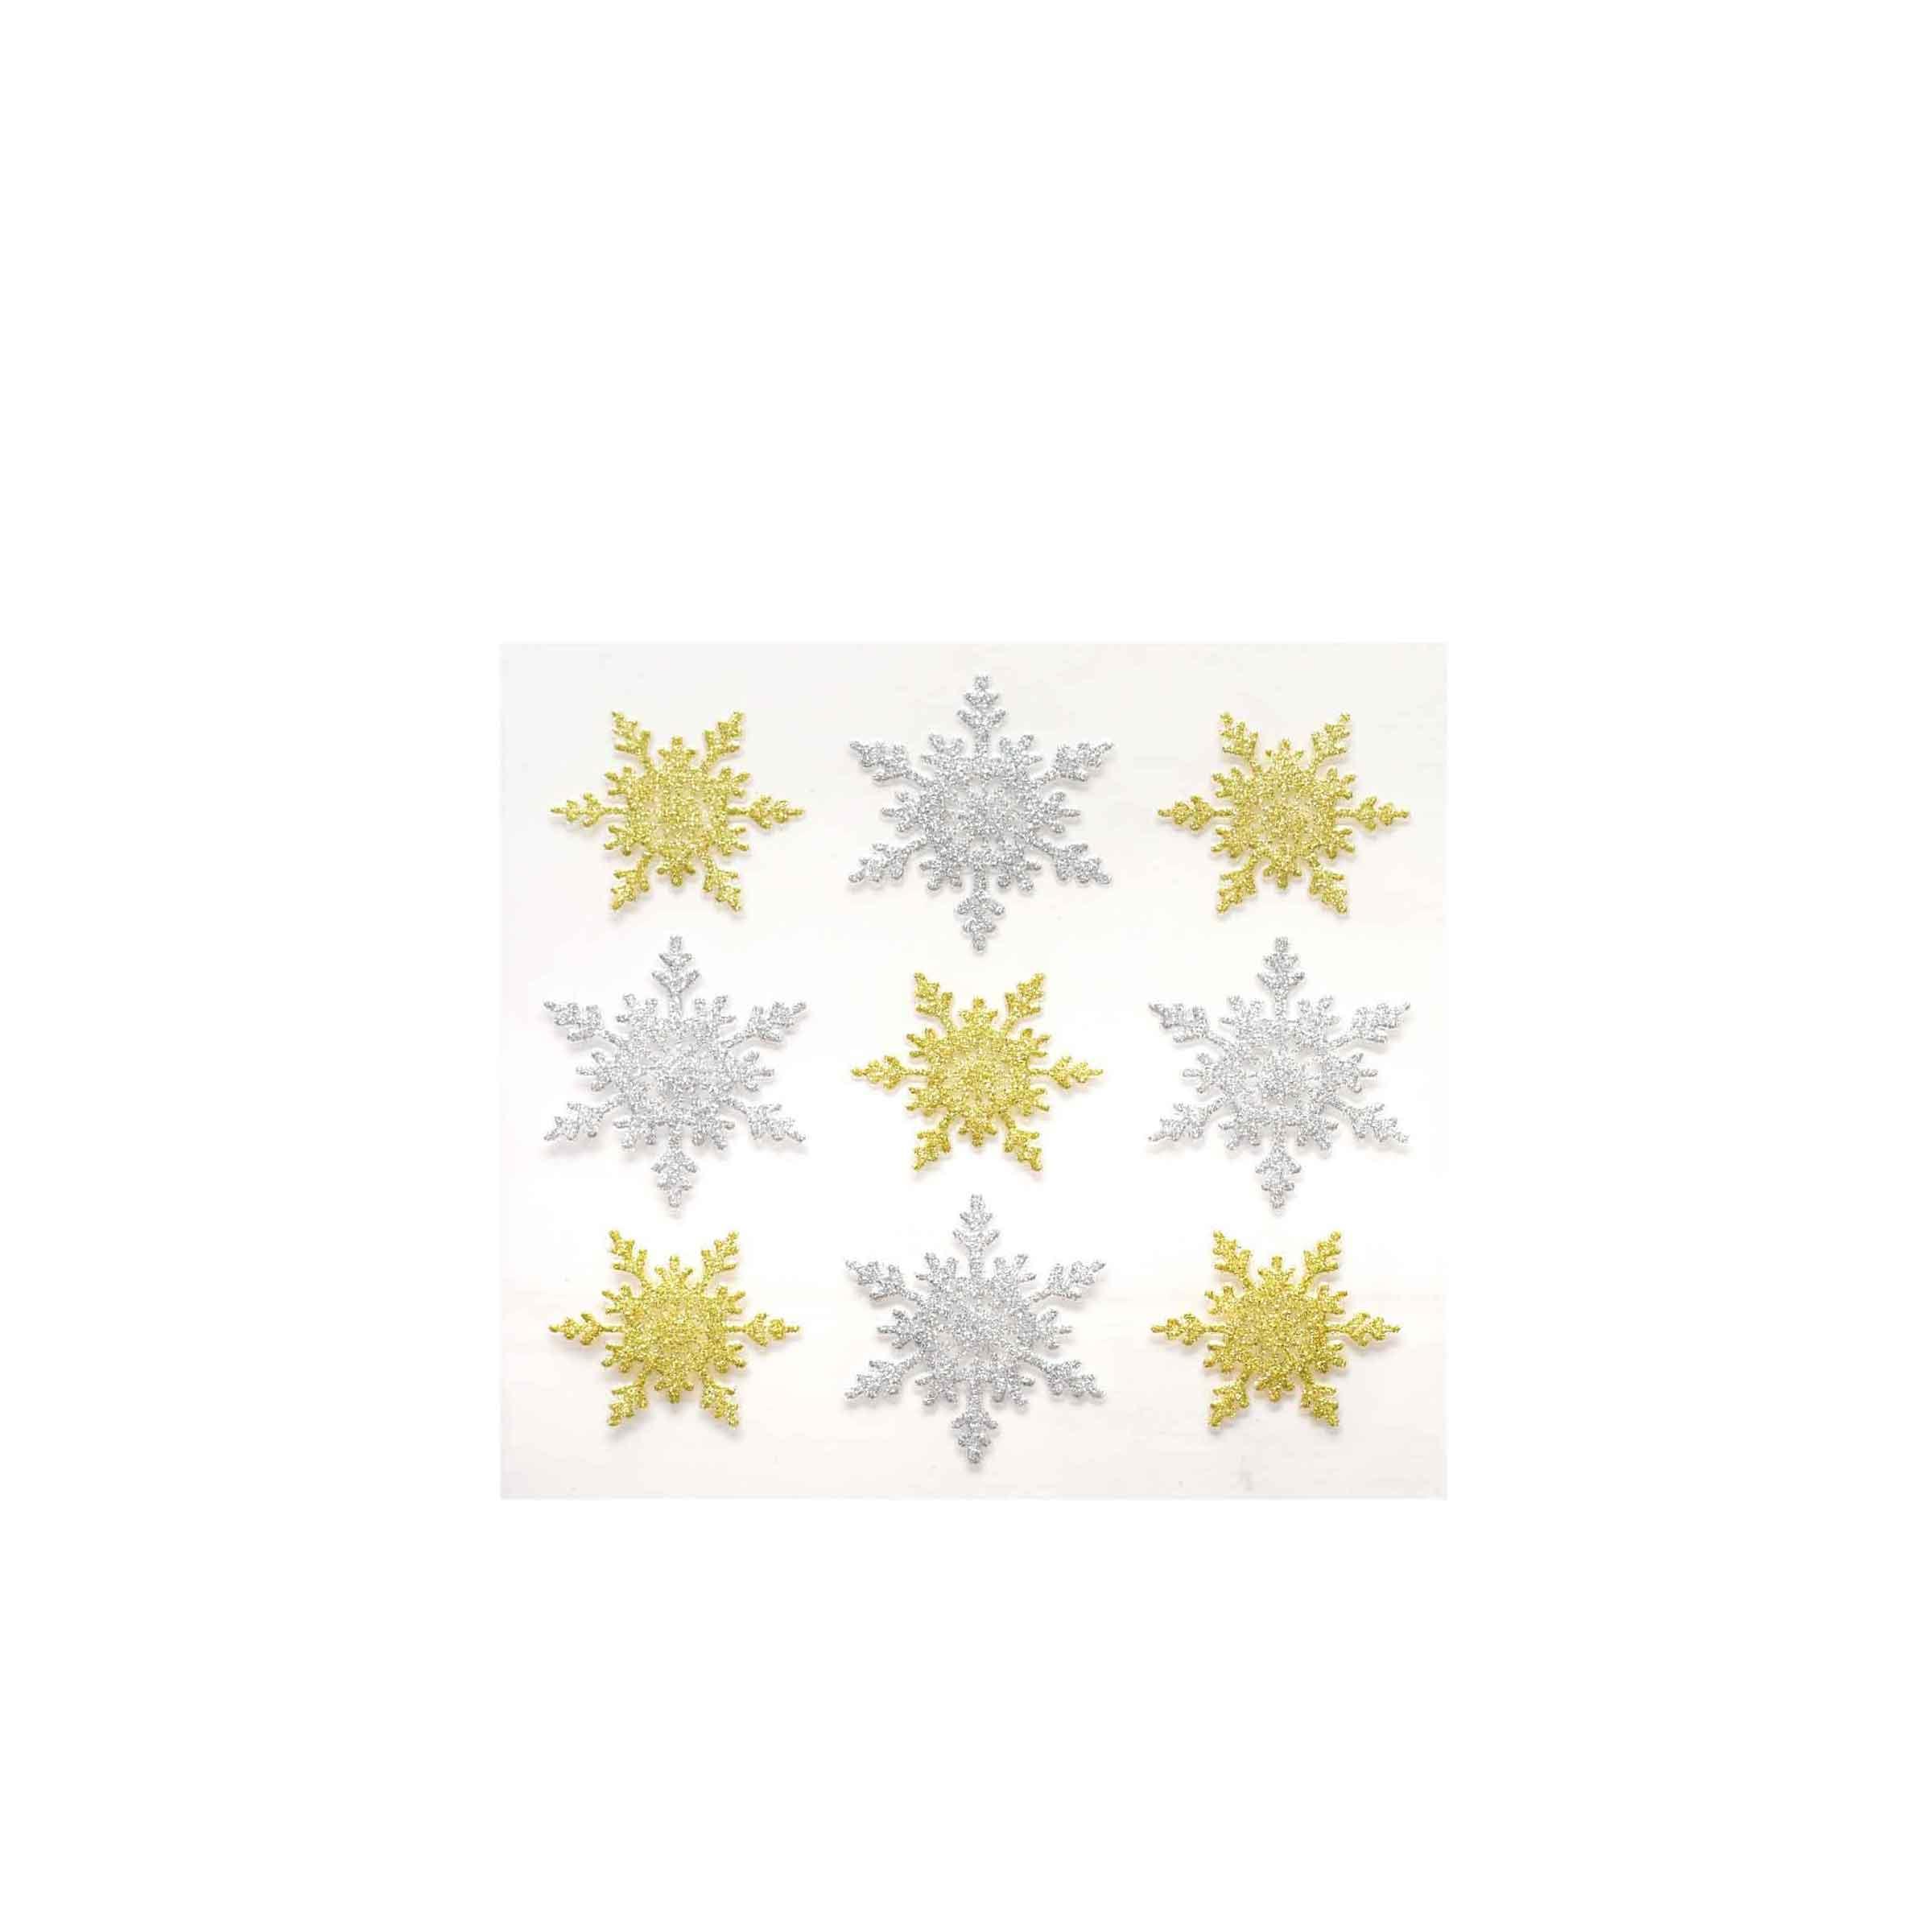 Stickers dorés adhésifs flocons de neige pour papier cadeau